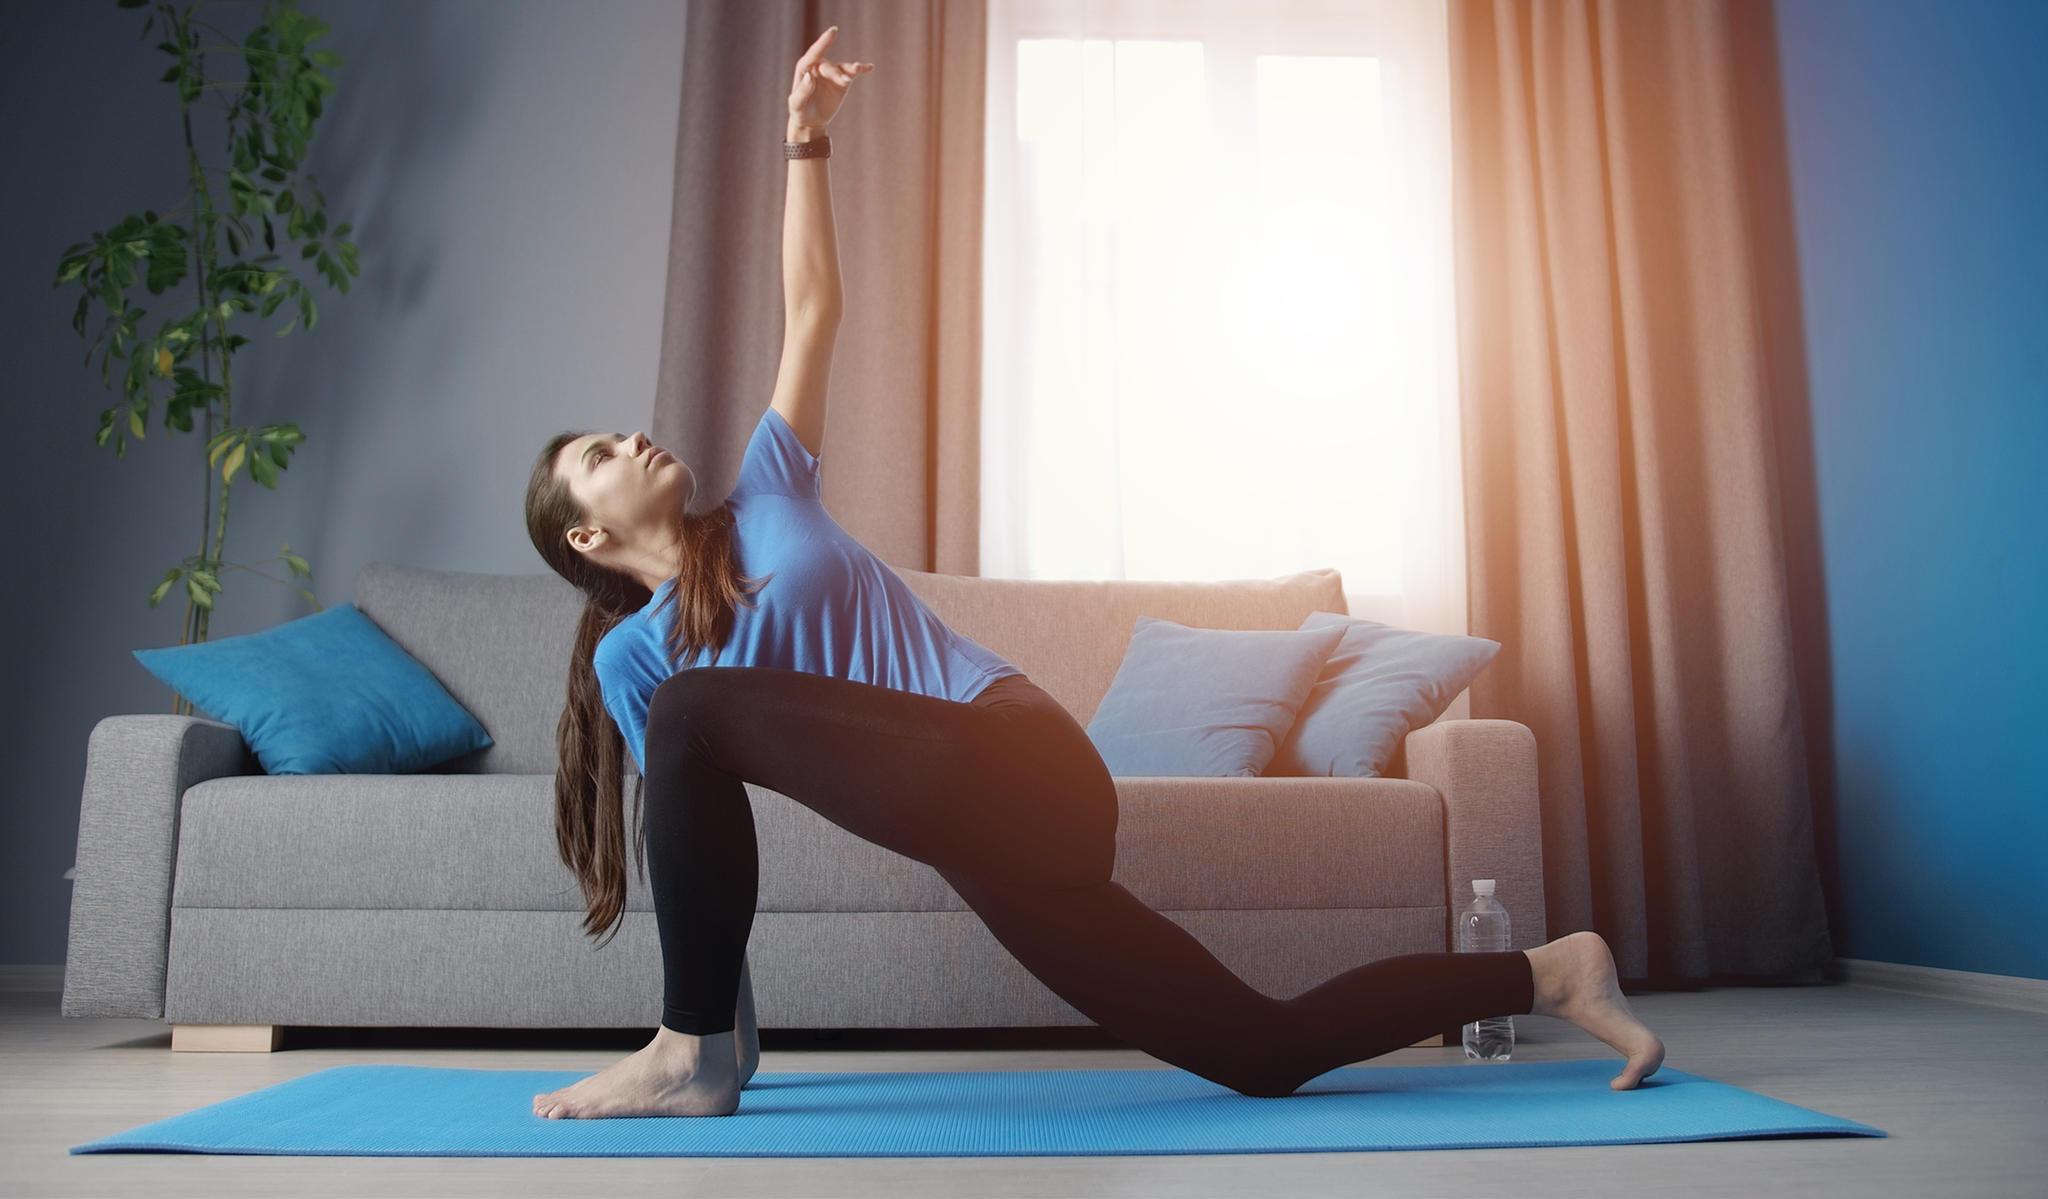 15-Minuten-Workout: Ausfallschritt mit Armstrecker